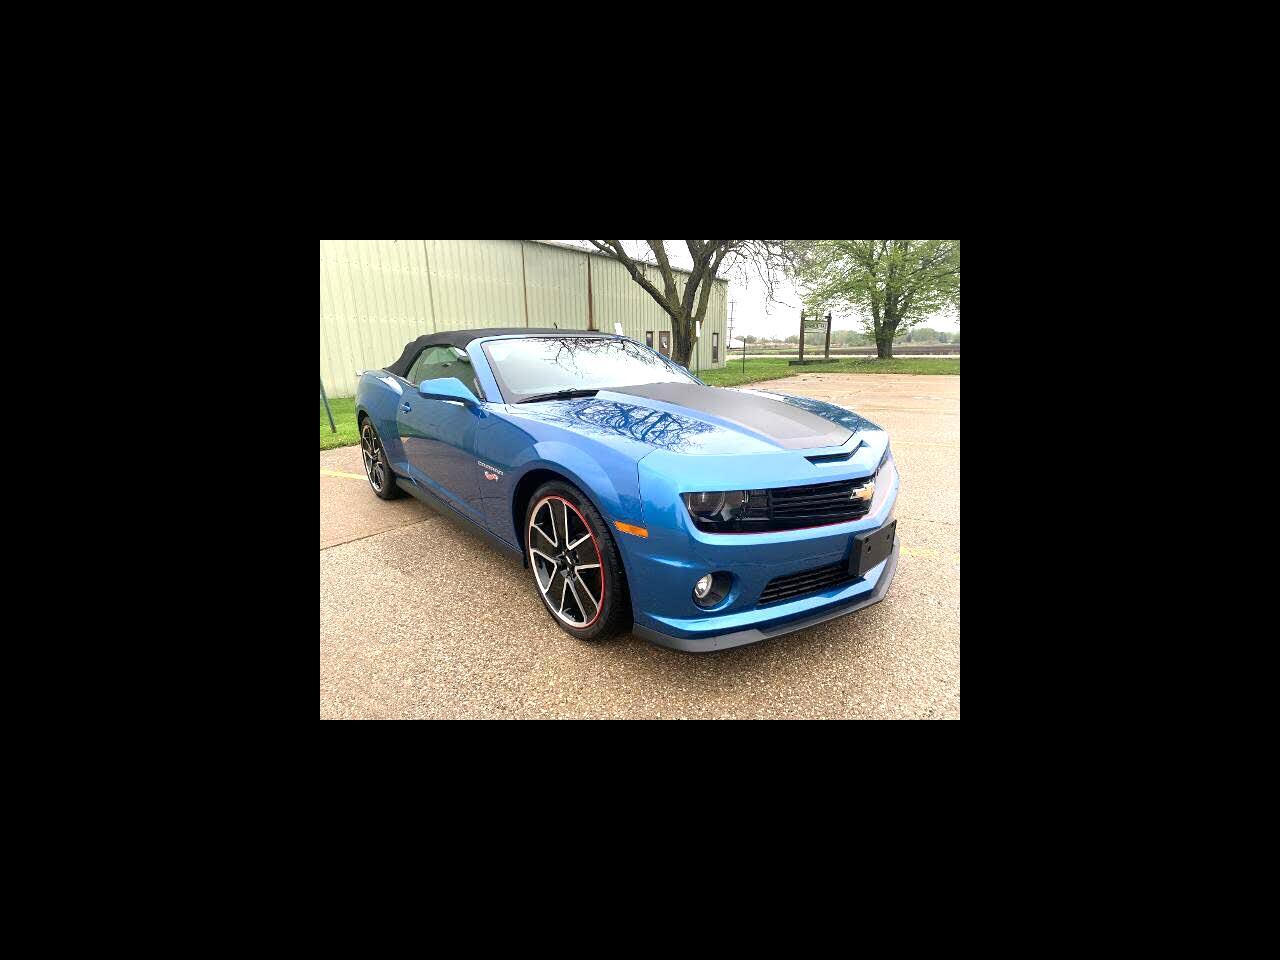 2013 Chevrolet Camaro Convertible 2SS